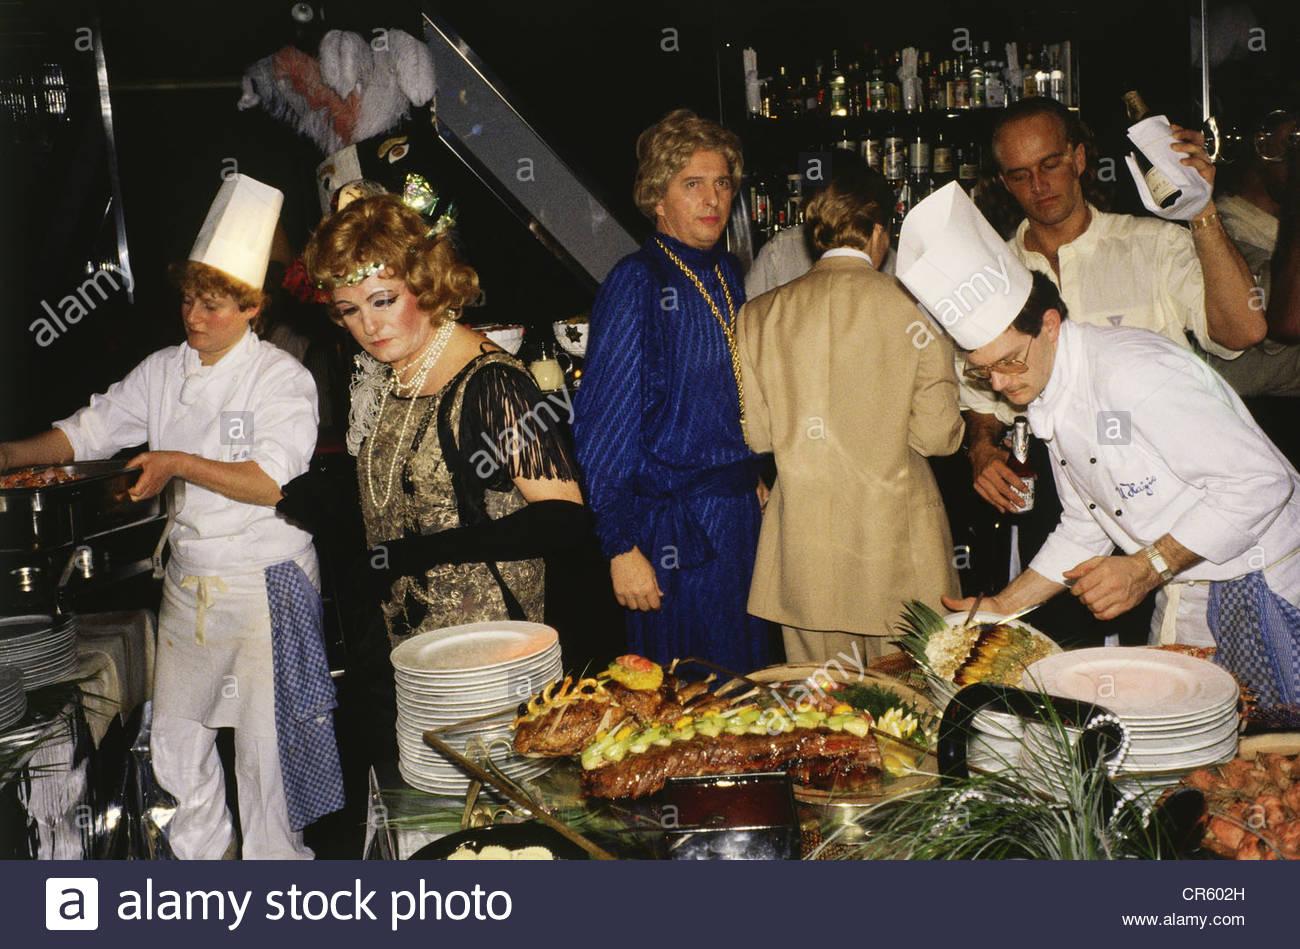 Beste Verkleiden 80er Jahre Party Bilder - Brautkleider Ideen ...